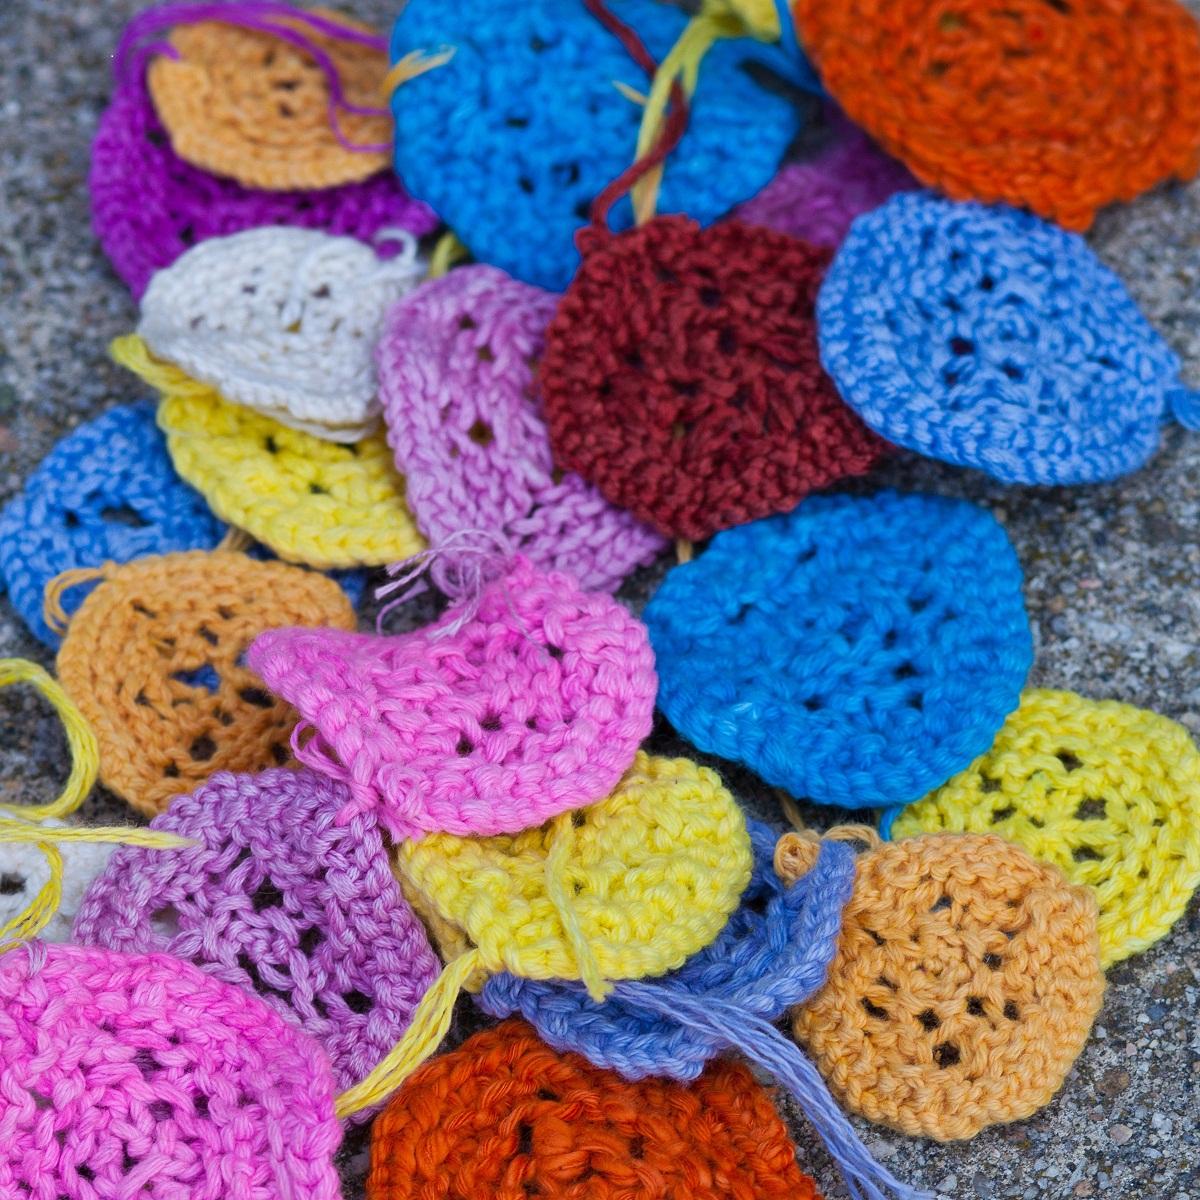 Revolutionary Knitting Circle : Knit circle images